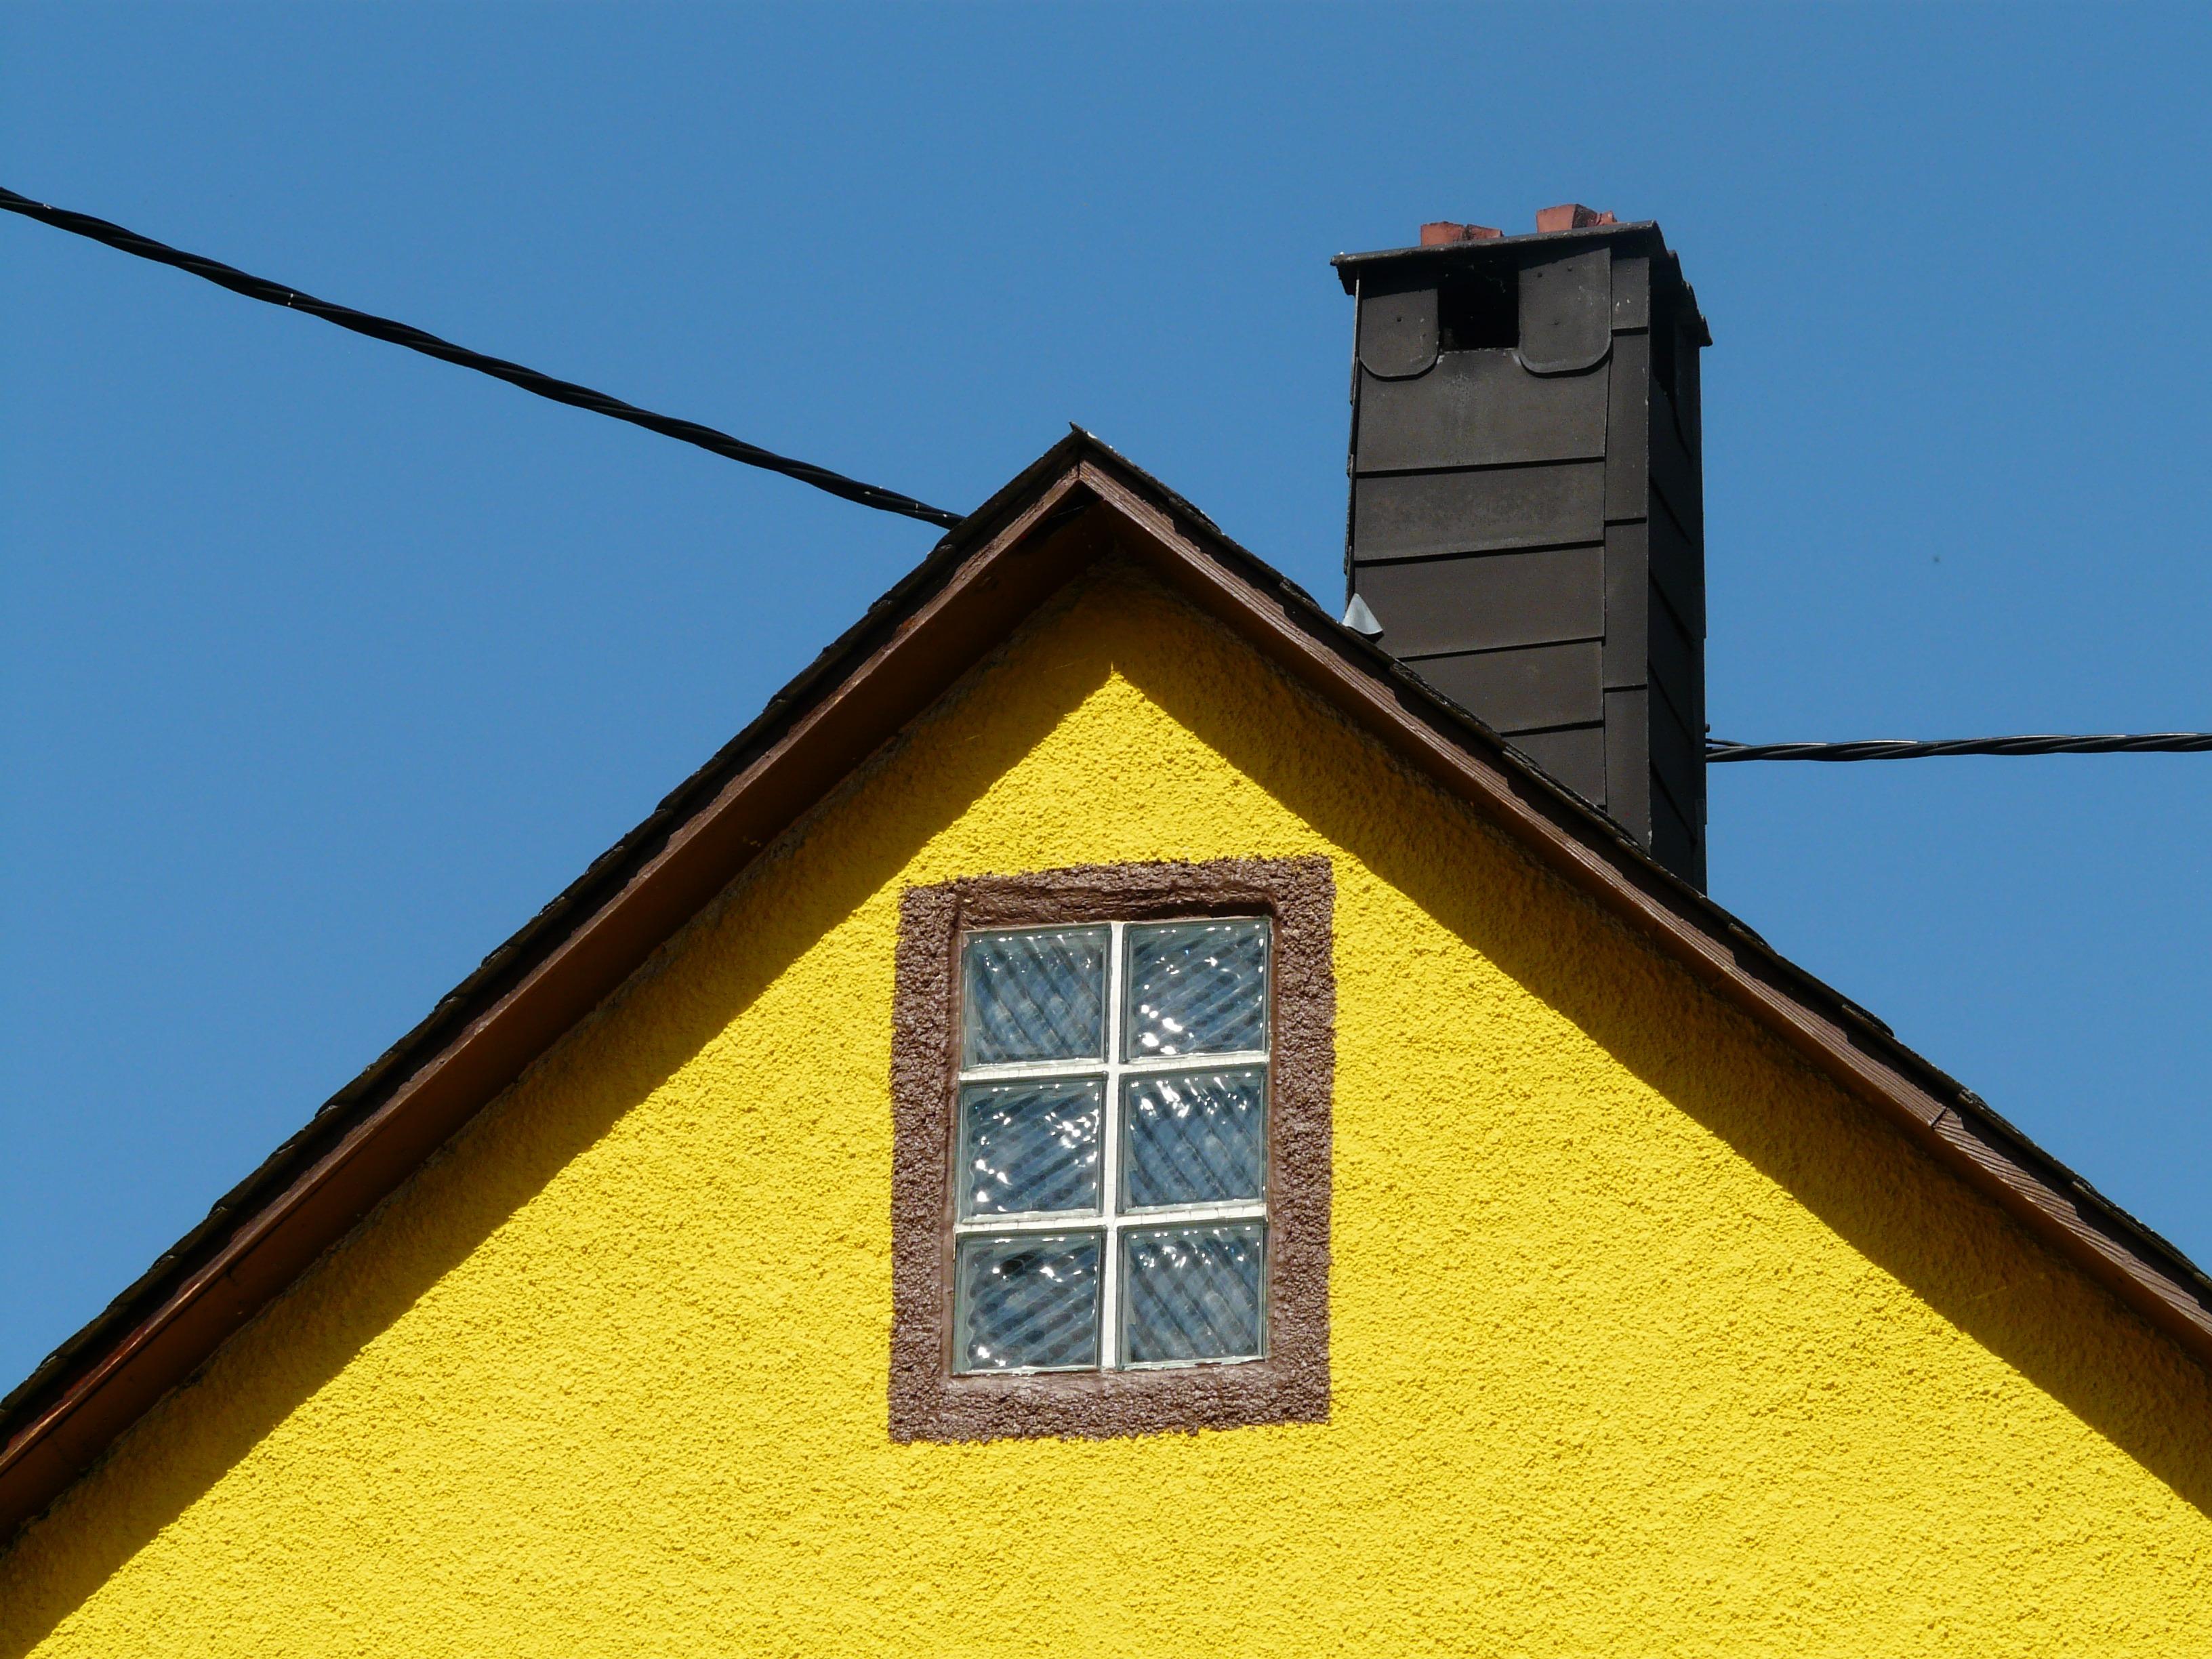 Kostenlose foto : die Architektur, Himmel, Fenster, Dach, Gebäude ...